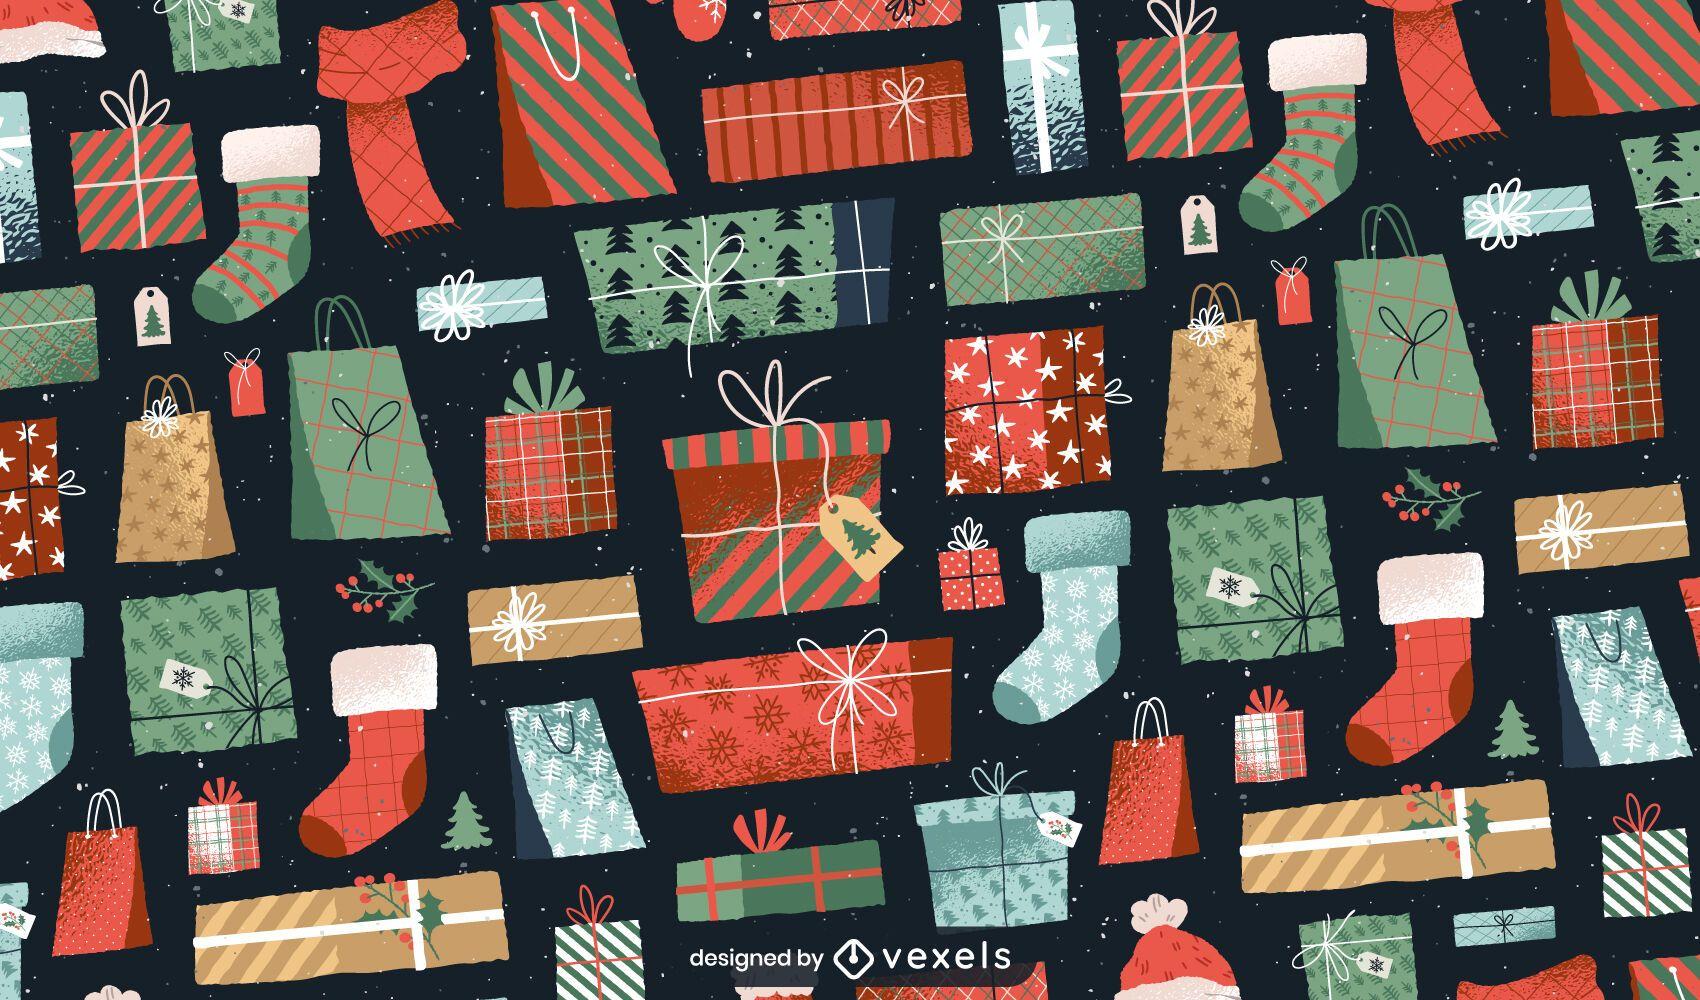 Presenta diseño de patrón navideño.